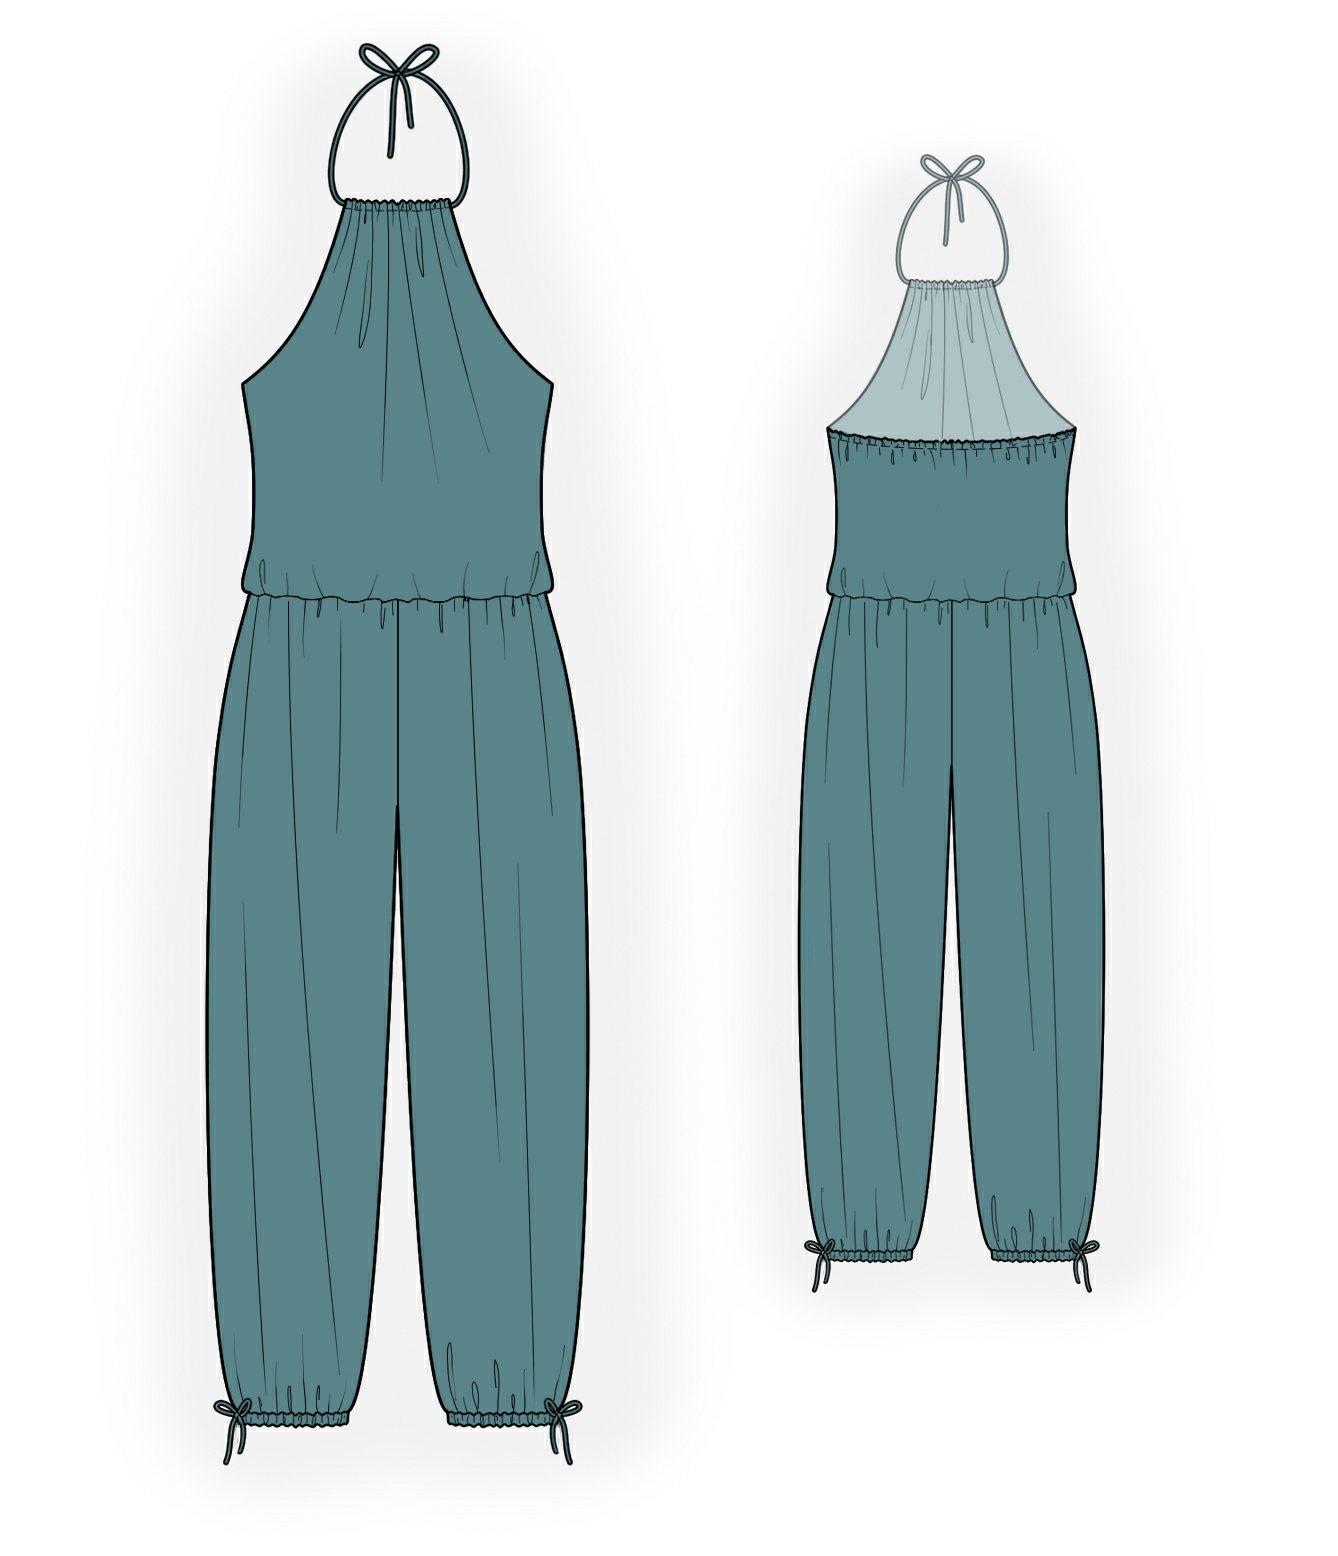 Модный портал. Летние женские костюмы - Все о моде 7